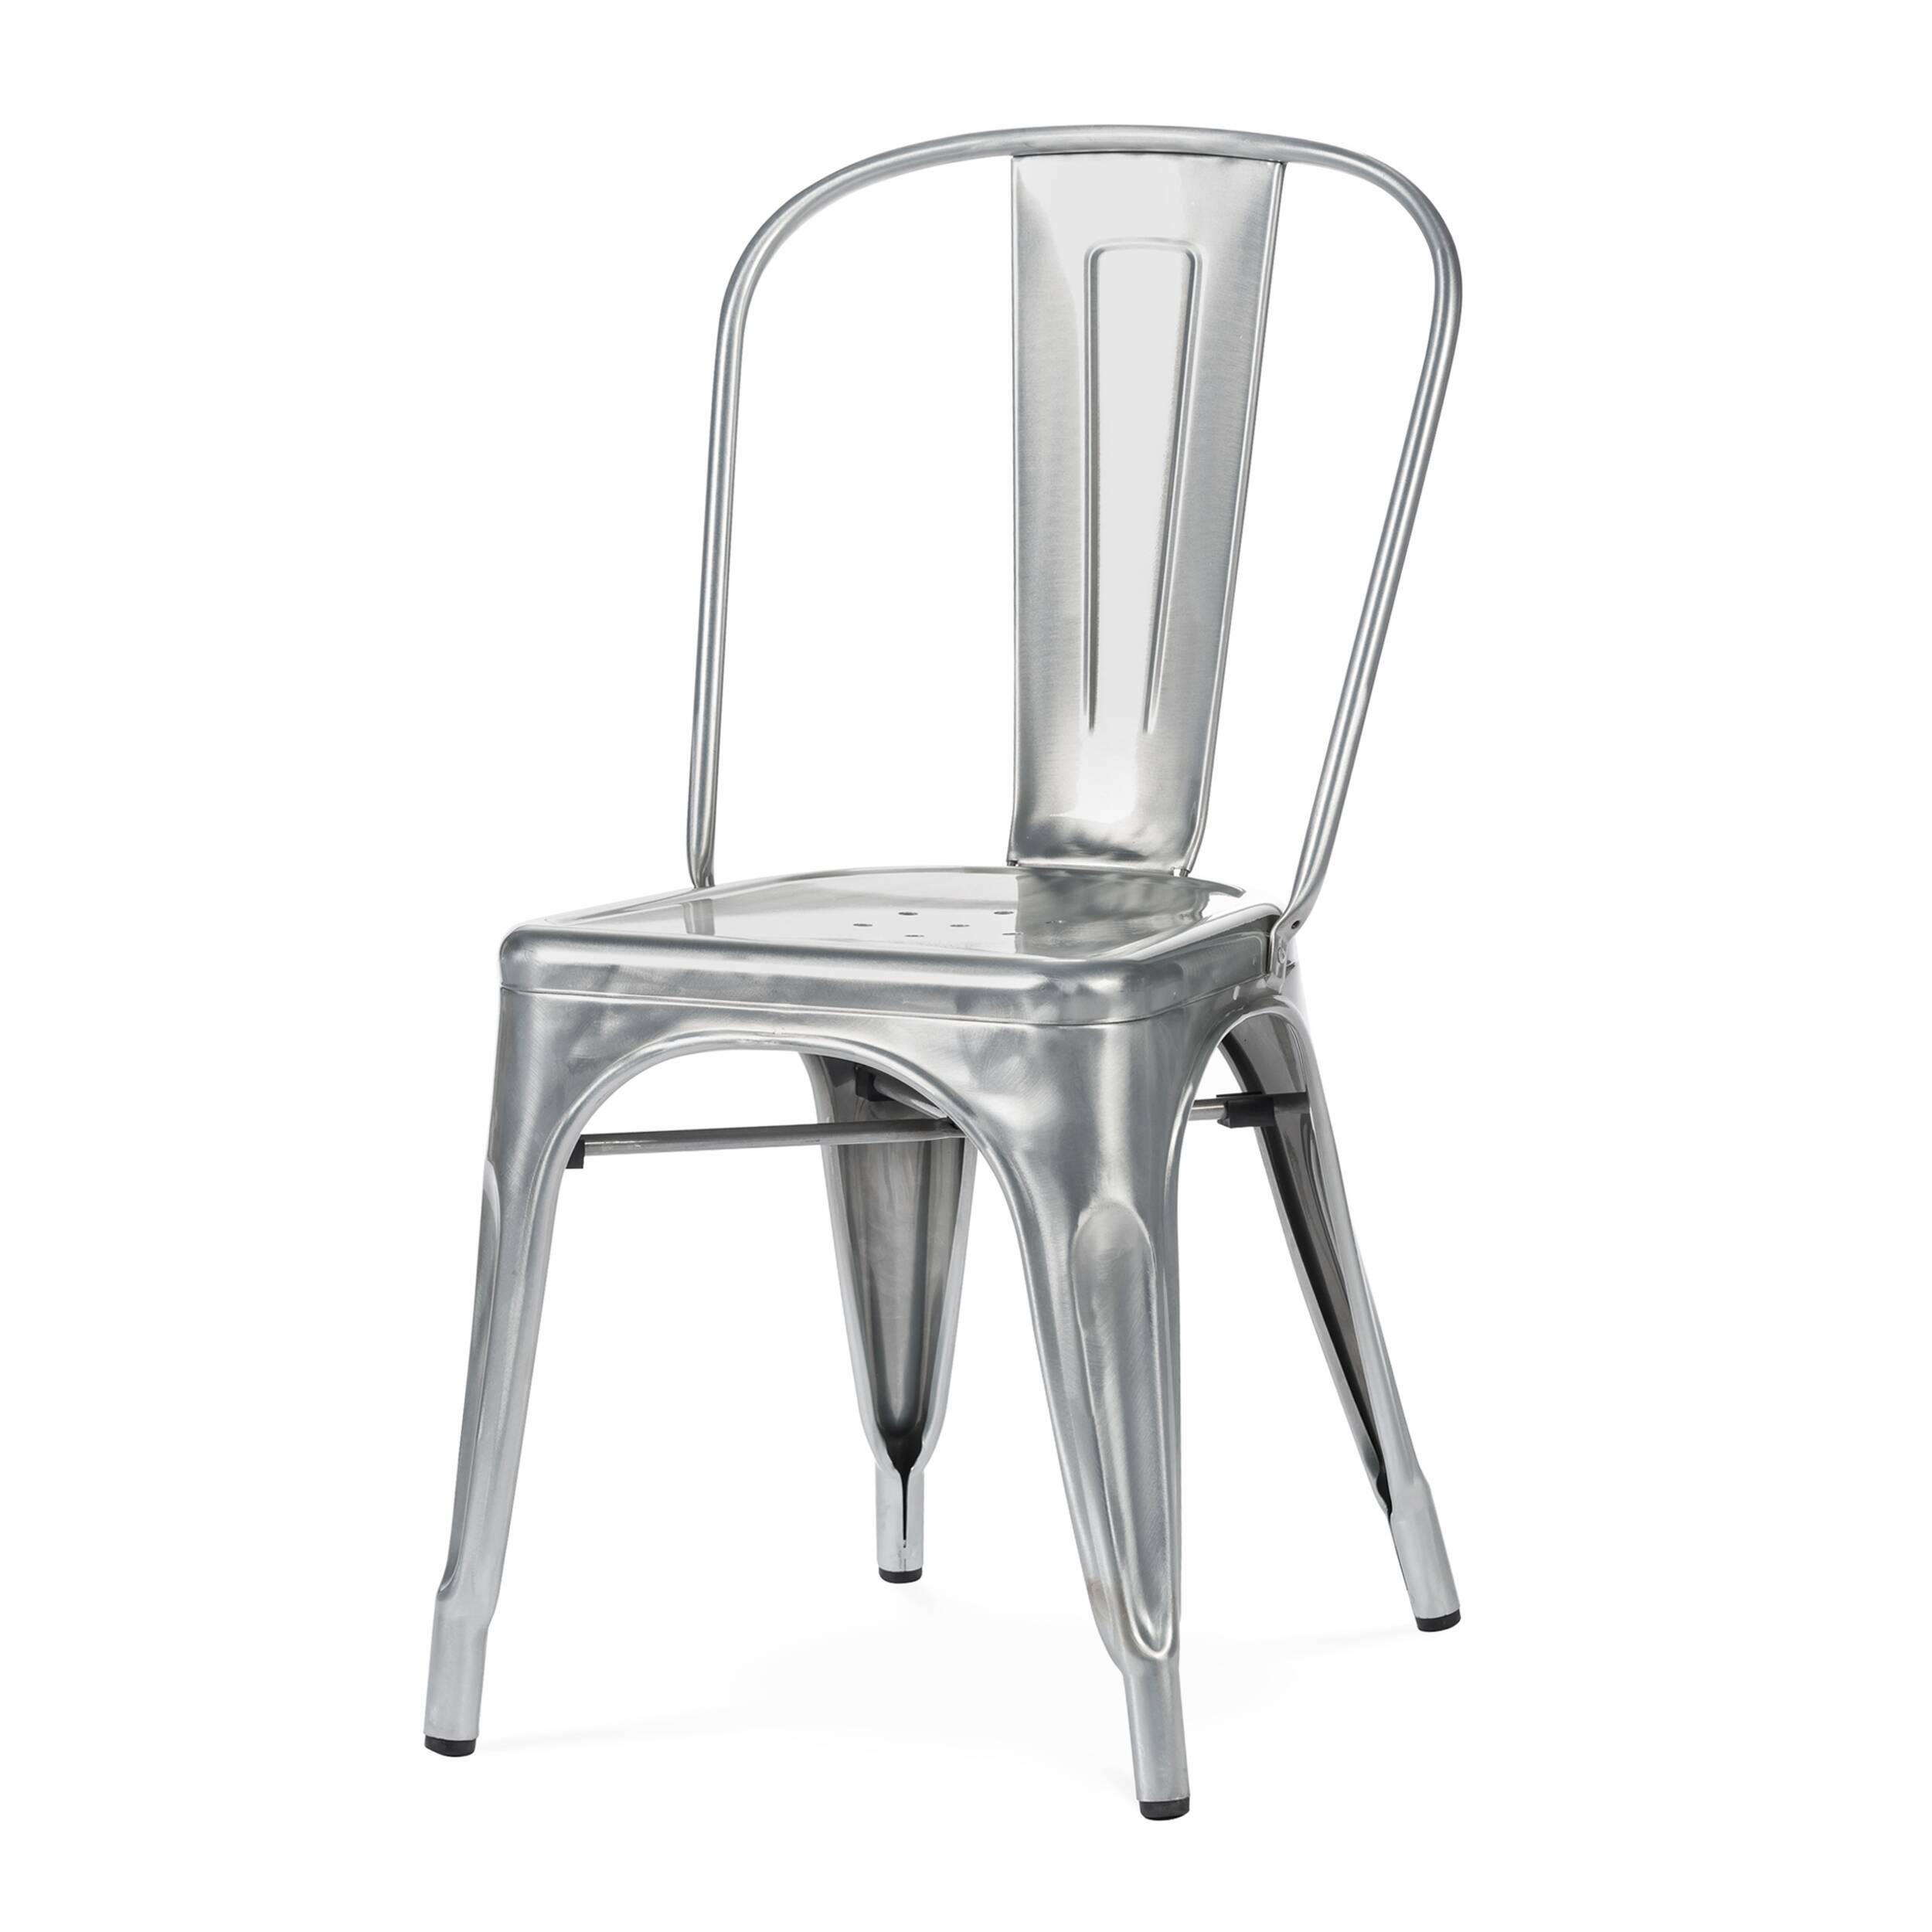 Стул MaraisИнтерьерные<br>Дизайнерский стальной жесткий стул Marais (Мэрейс) необычной формы без подлокотников от Cosmo (Космо).<br><br>     Сталь и больше ничего. Блестящее применение этого простого материала демонстрирует стул Marais. Тонкая стальная трубка с широкой вертикальной панелью образует спинку, сиденье с едва заметным углублением и несколькими декоративными отверстиями аккуратно приварено к цельному каркасу ножек, пространство между которыми оформлено в виде арок, гармонируя со спинкой и придавая предмету легк...<br><br>stock: 12<br>Высота: 85<br>Высота сиденья: 45<br>Ширина: 46<br>Глубина: 51<br>Тип материала каркаса: Сталь<br>Цвет каркаса: Гальванизированный